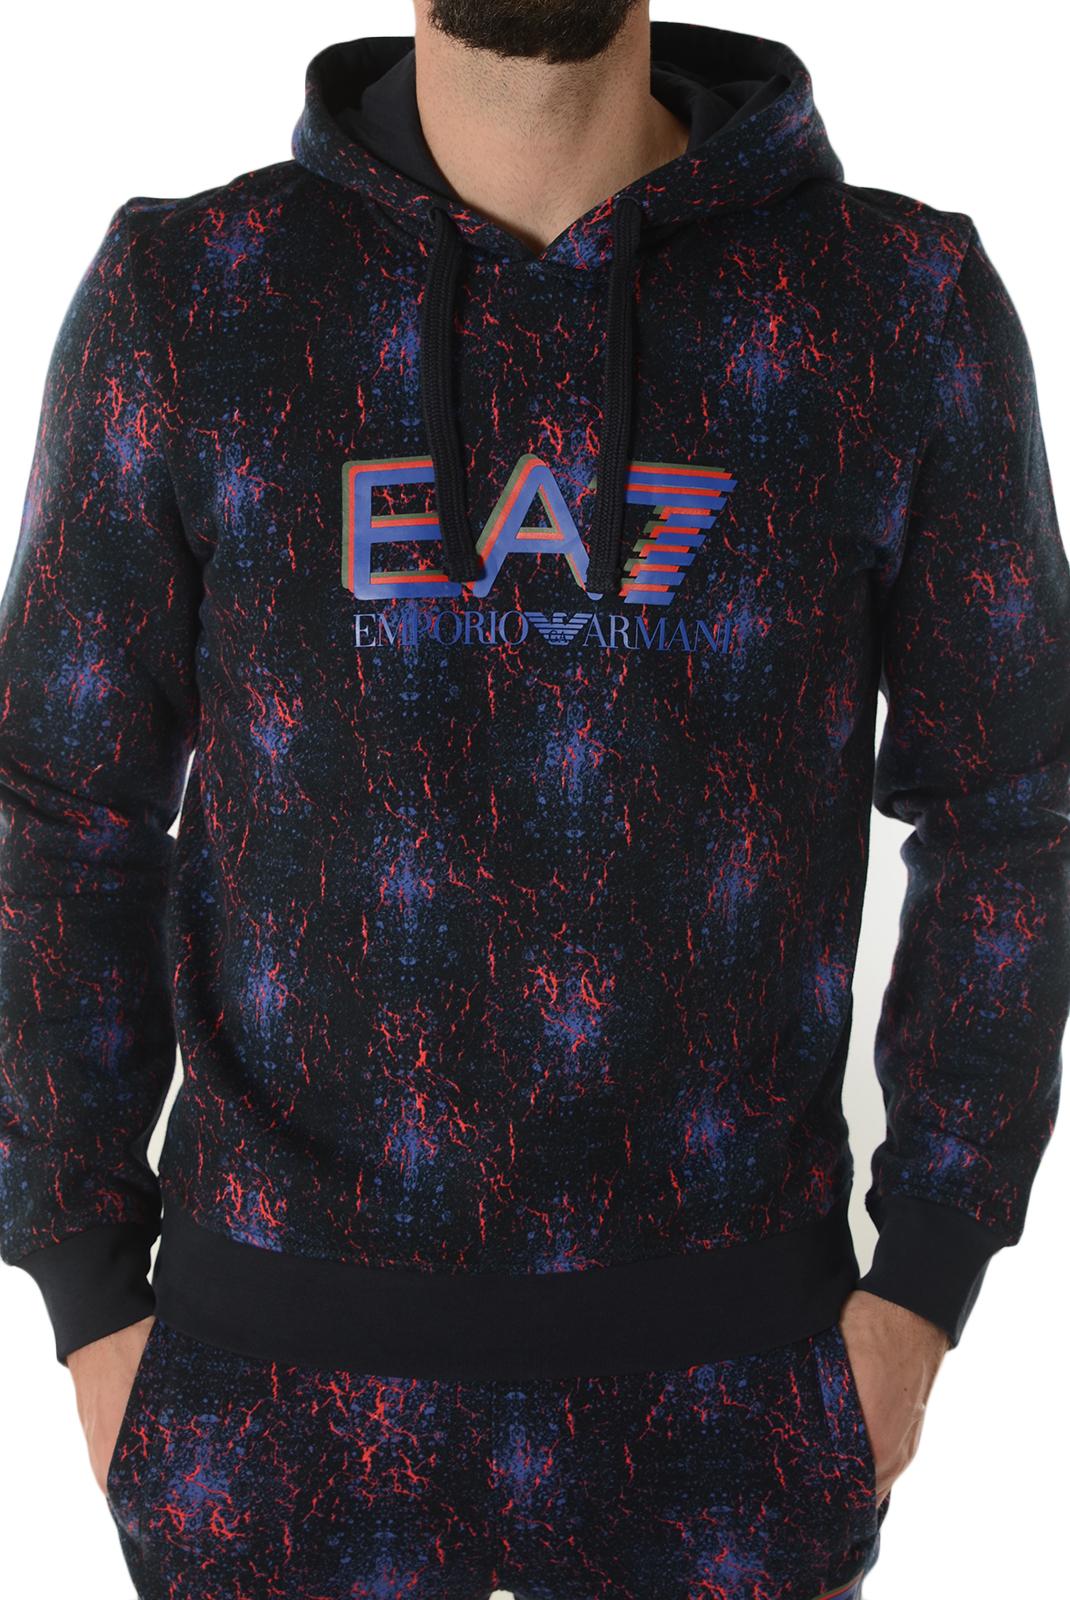 Sweatshirts  Emporio armani 6XPM68 PJ10Z 2523